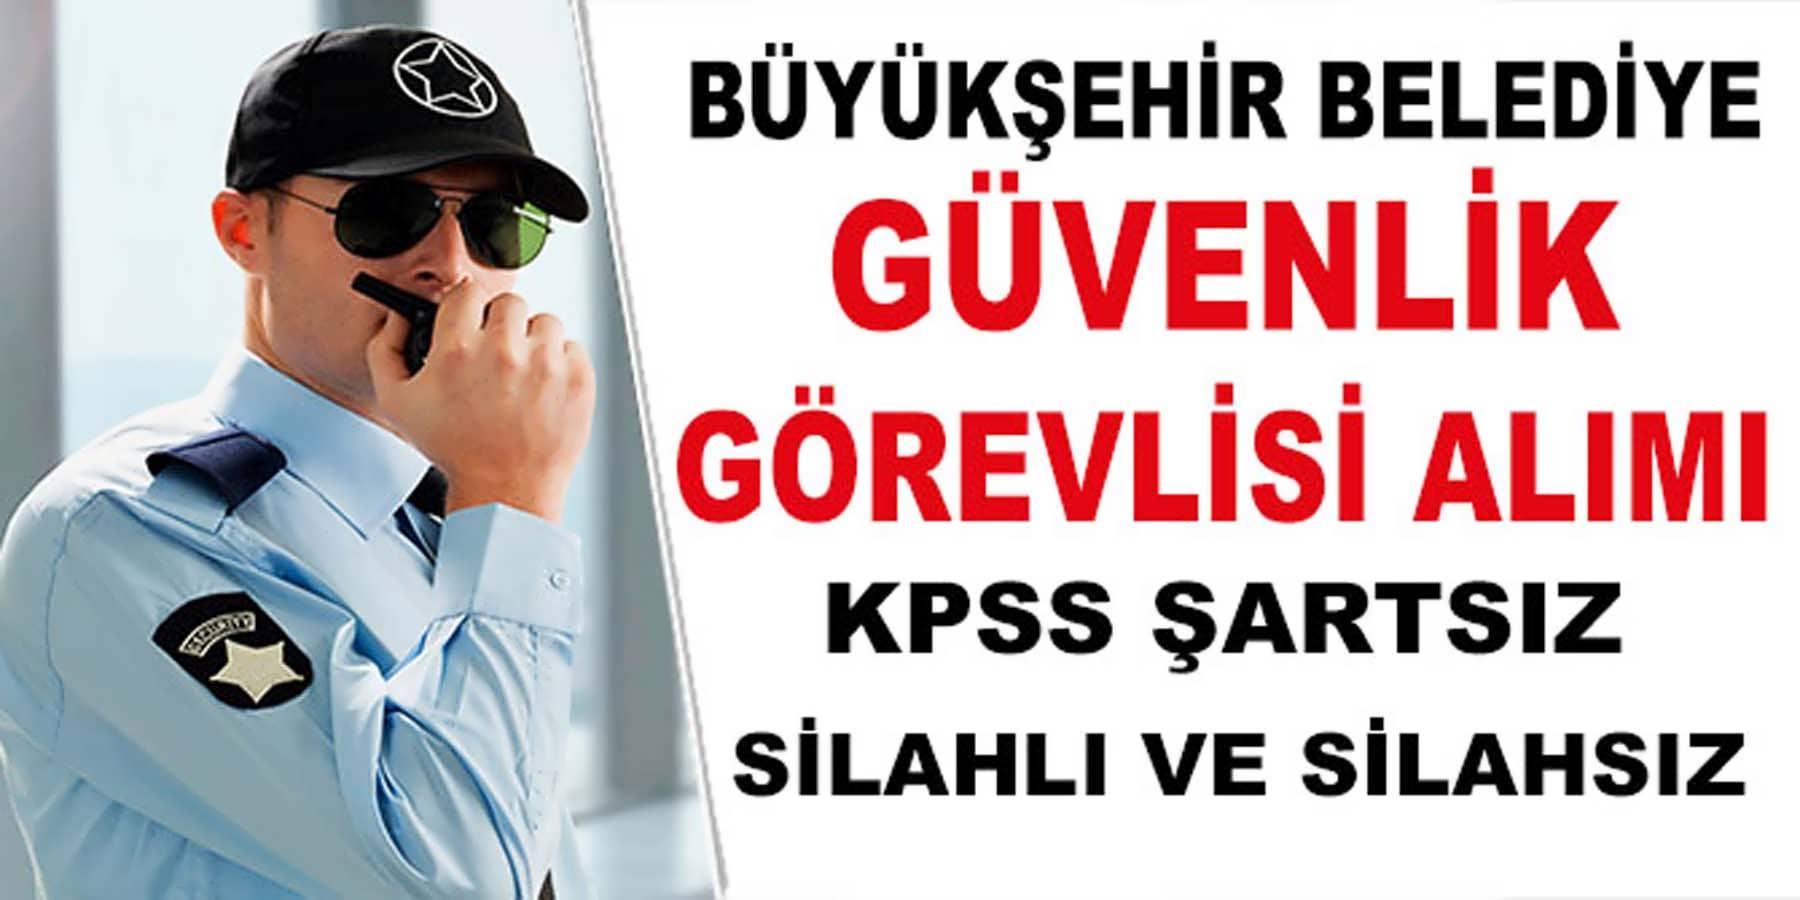 Büyükşehir Belediye KPSS'Siz Silahlı Silahsız Güvenlik Görevlisi Alımı